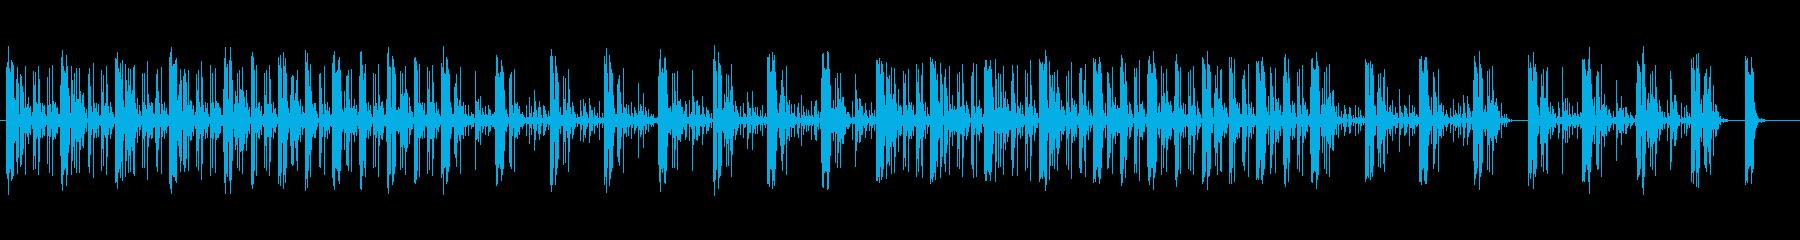 緊張感のあるシンセサウンドの再生済みの波形